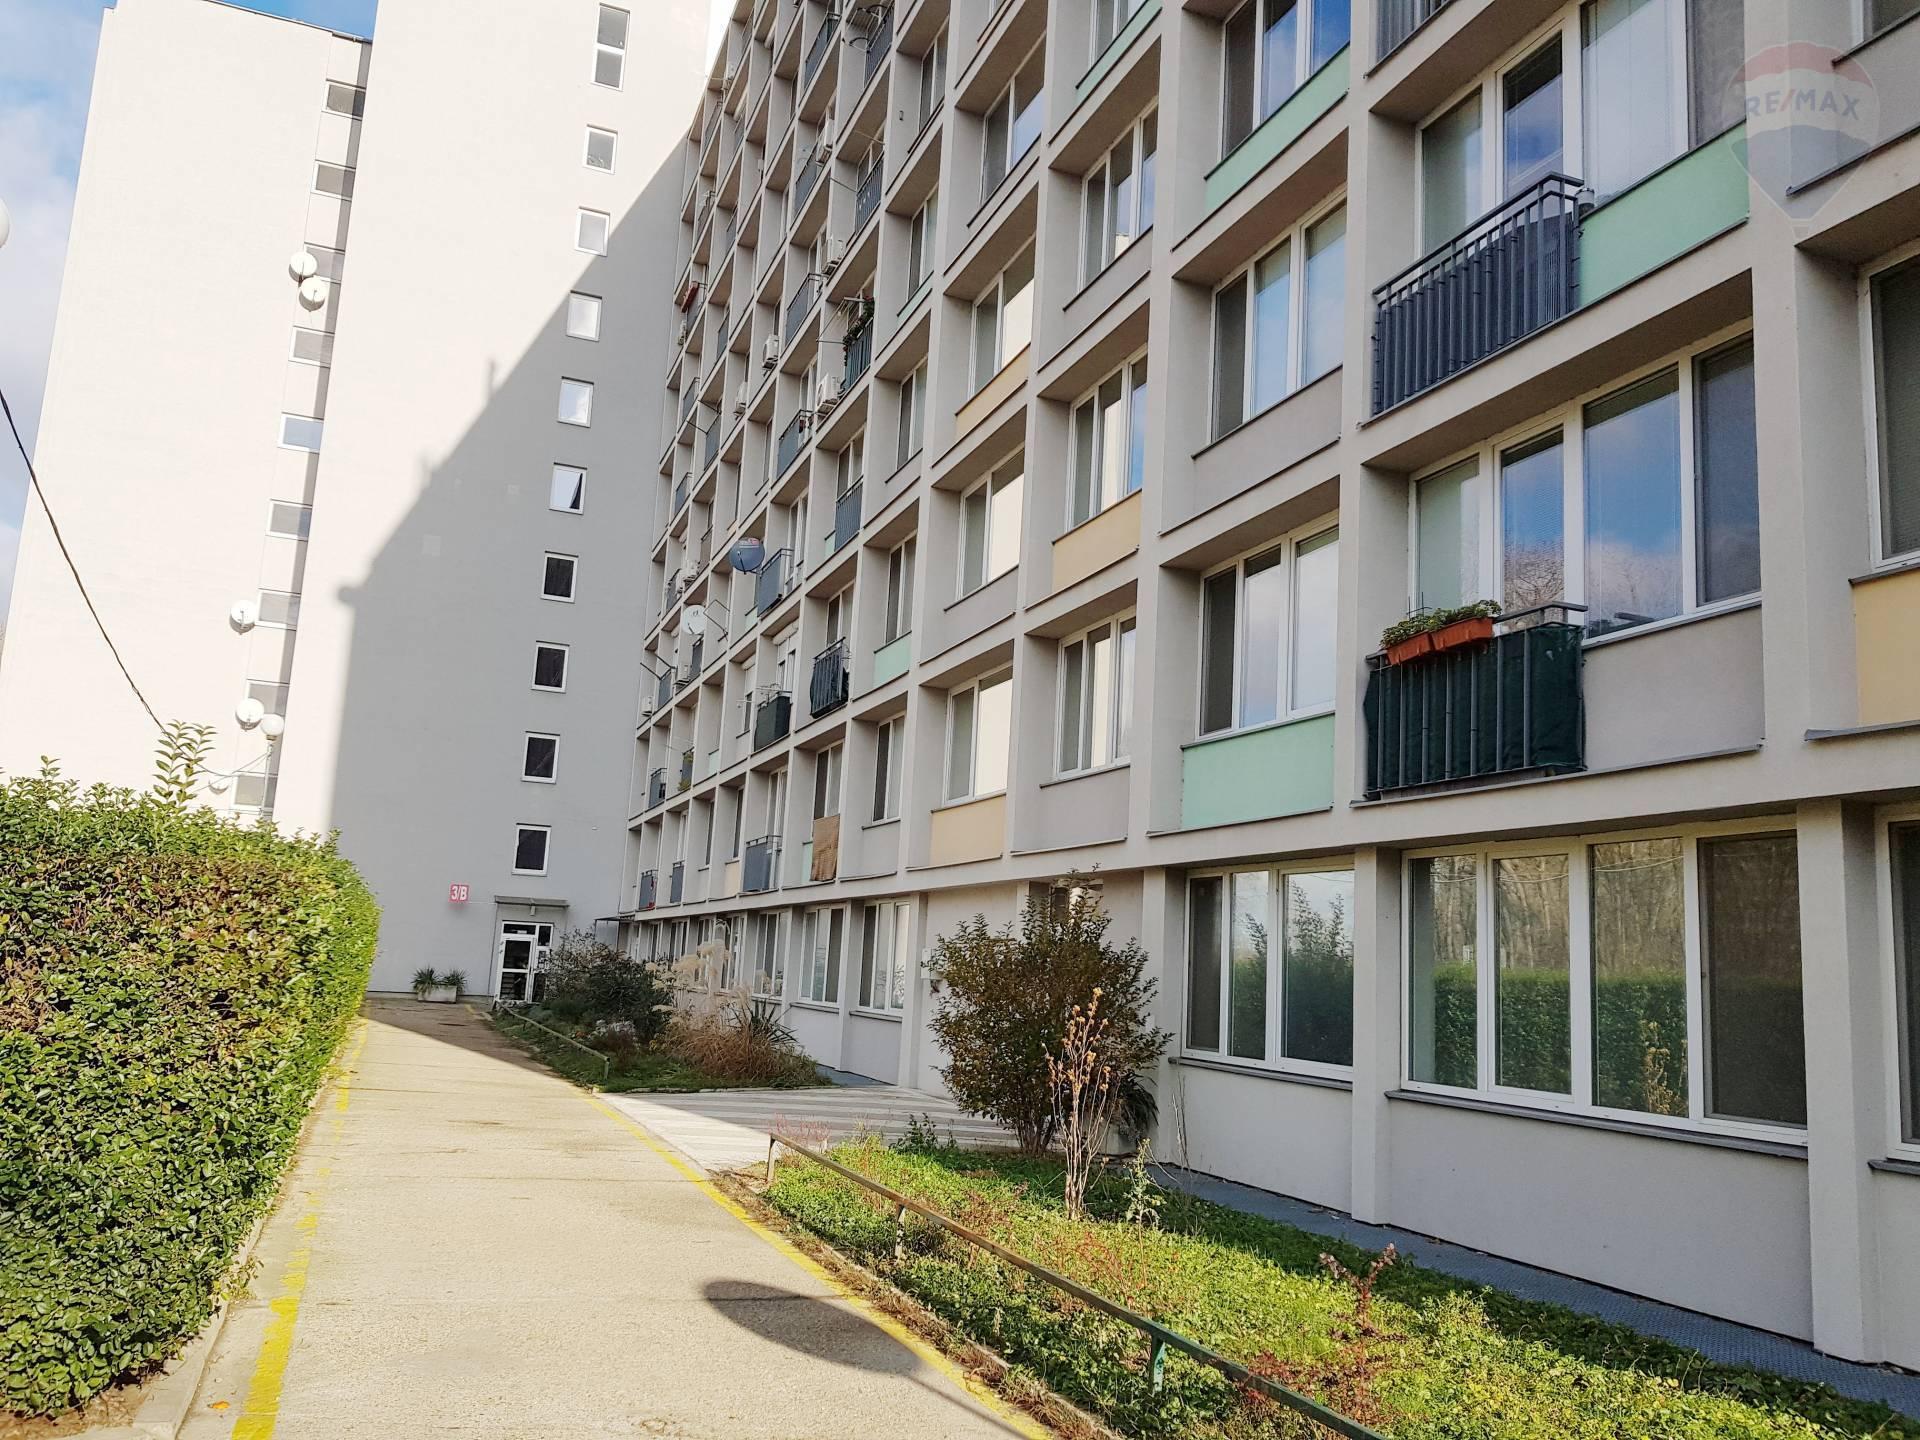 Predaj, garsónka (21,25 m2), kompletná rekonštrukcia, francúzsky balkón, zariadená